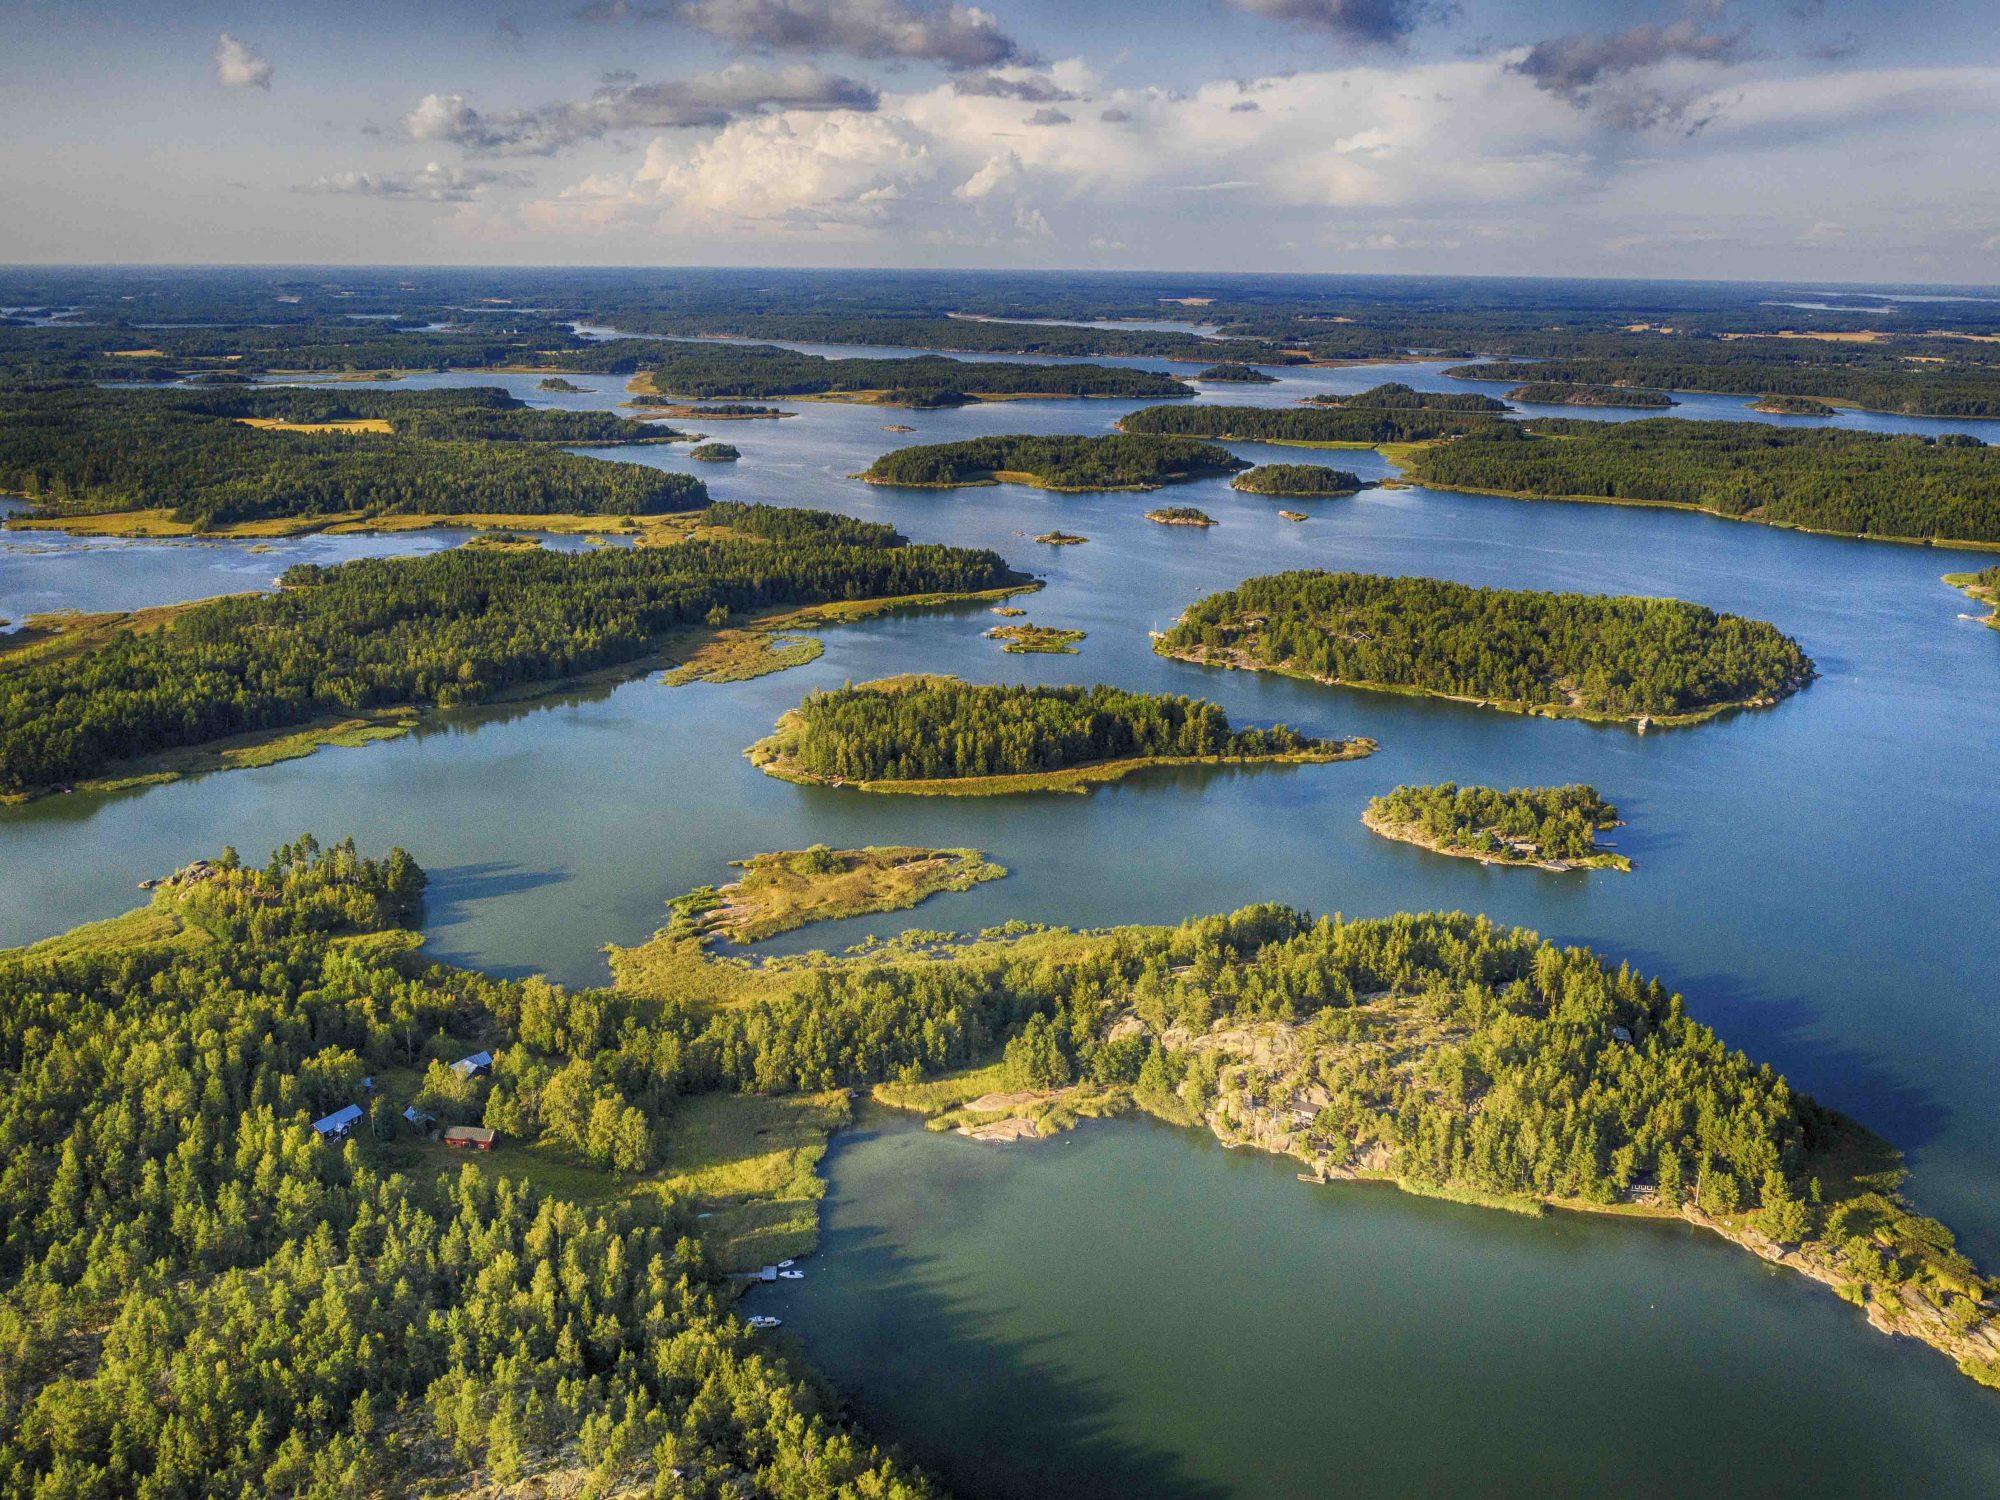 Finnland, Varsinais-Soumi, Vaasa, Roadtrip durch die Schärenlandschaft des Kvarken, Kvarken Archipelago, bewaldete Inseln im Schärenmeer